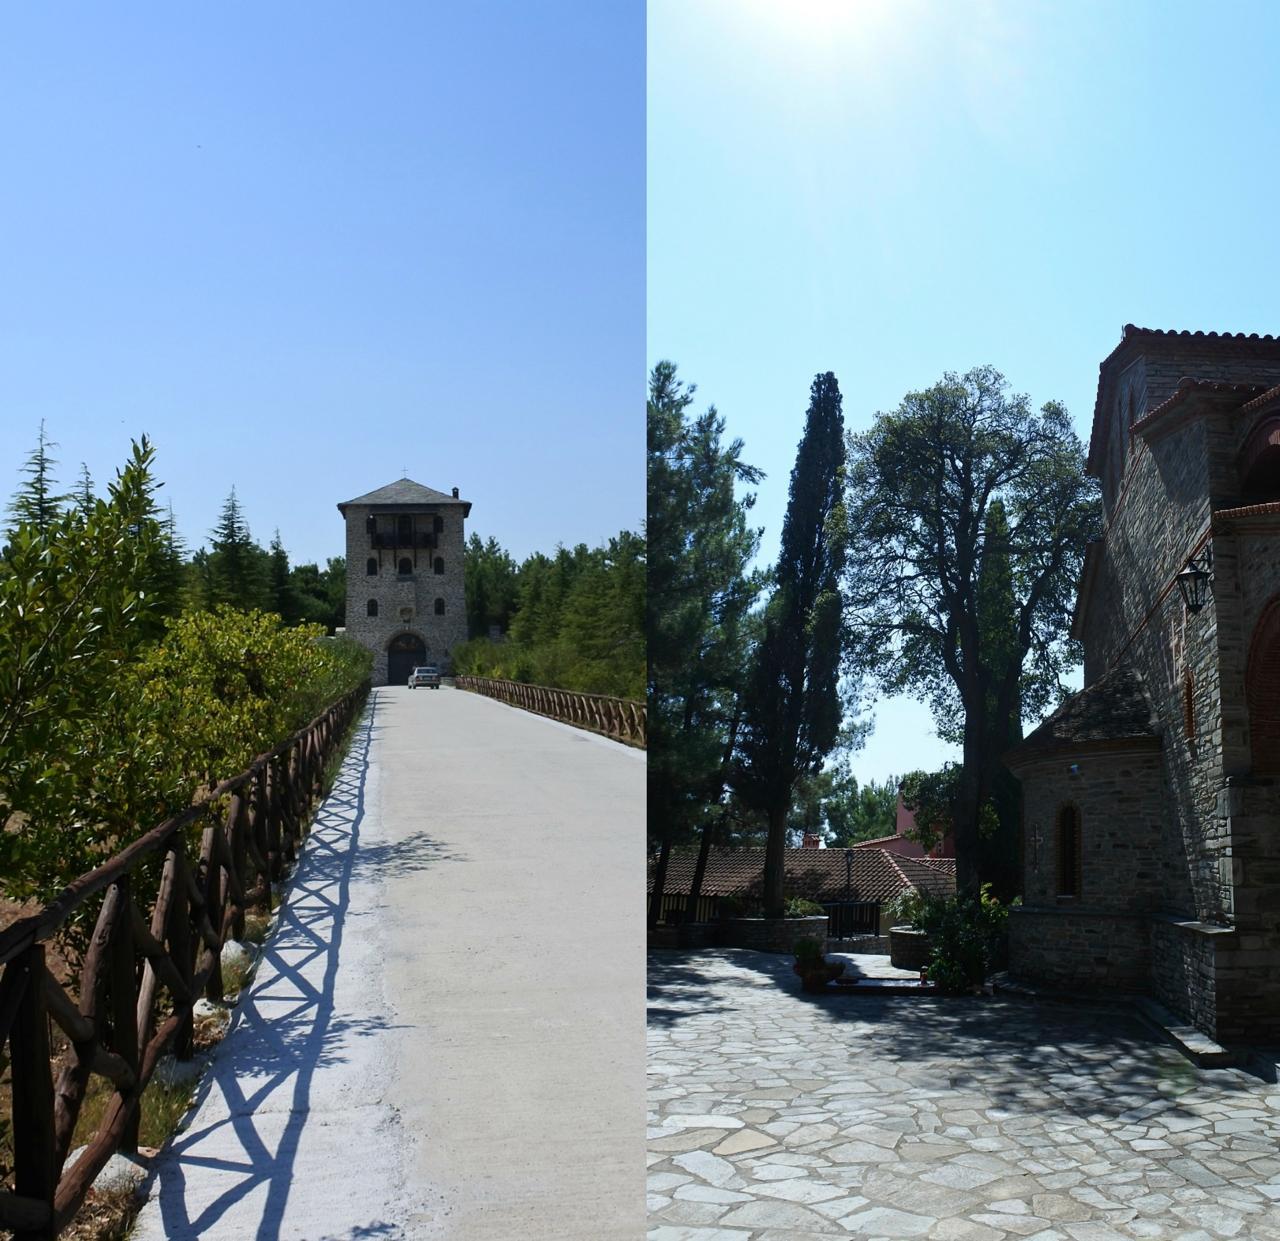 修道院の建物がある敷地までのびる参道(左)